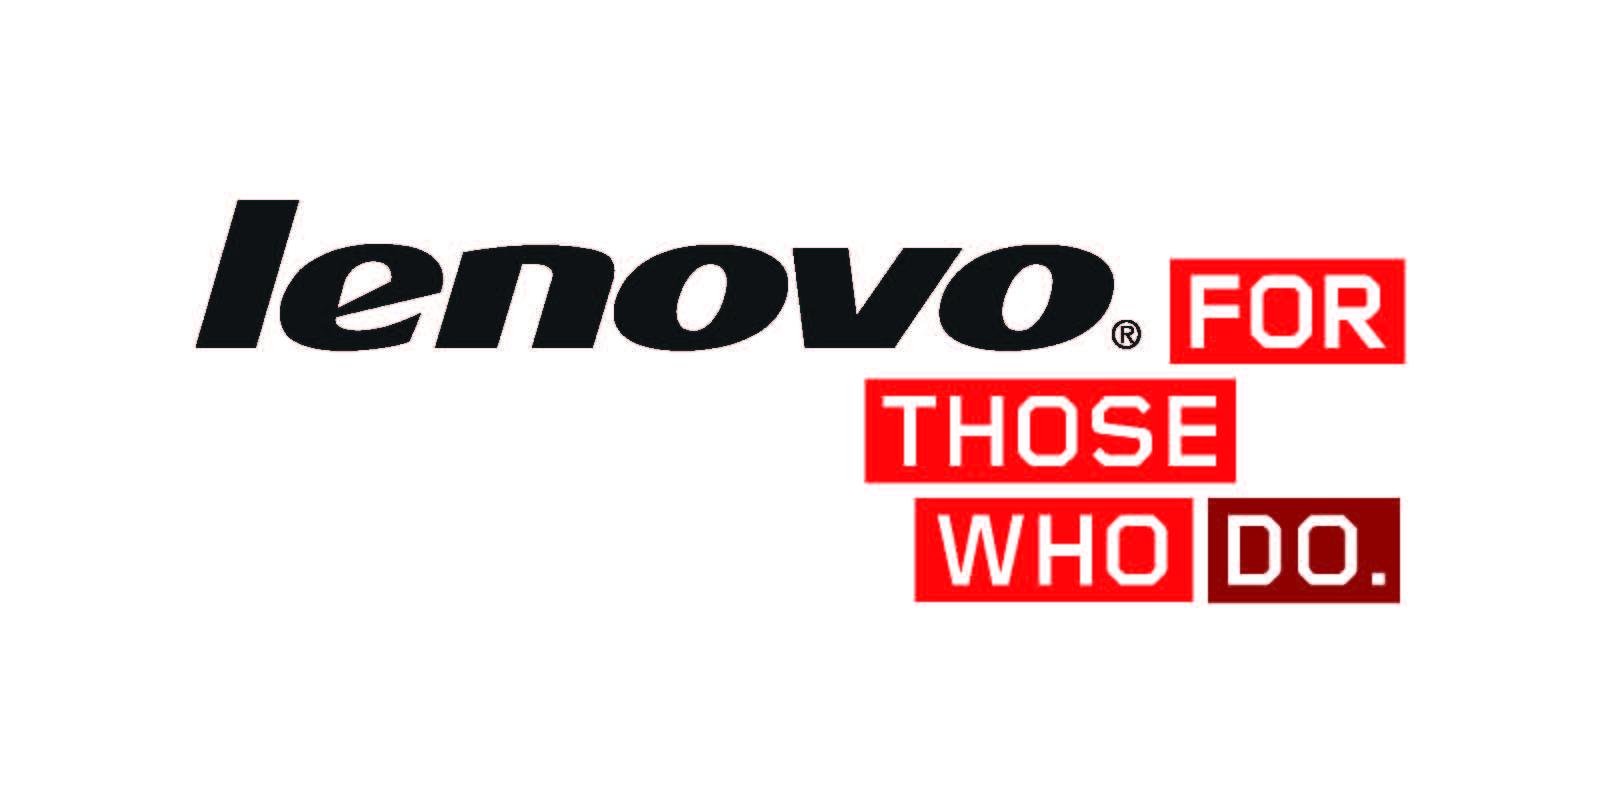 Lenovo Logo Wallpaper: Official Lenovo Wallpaper